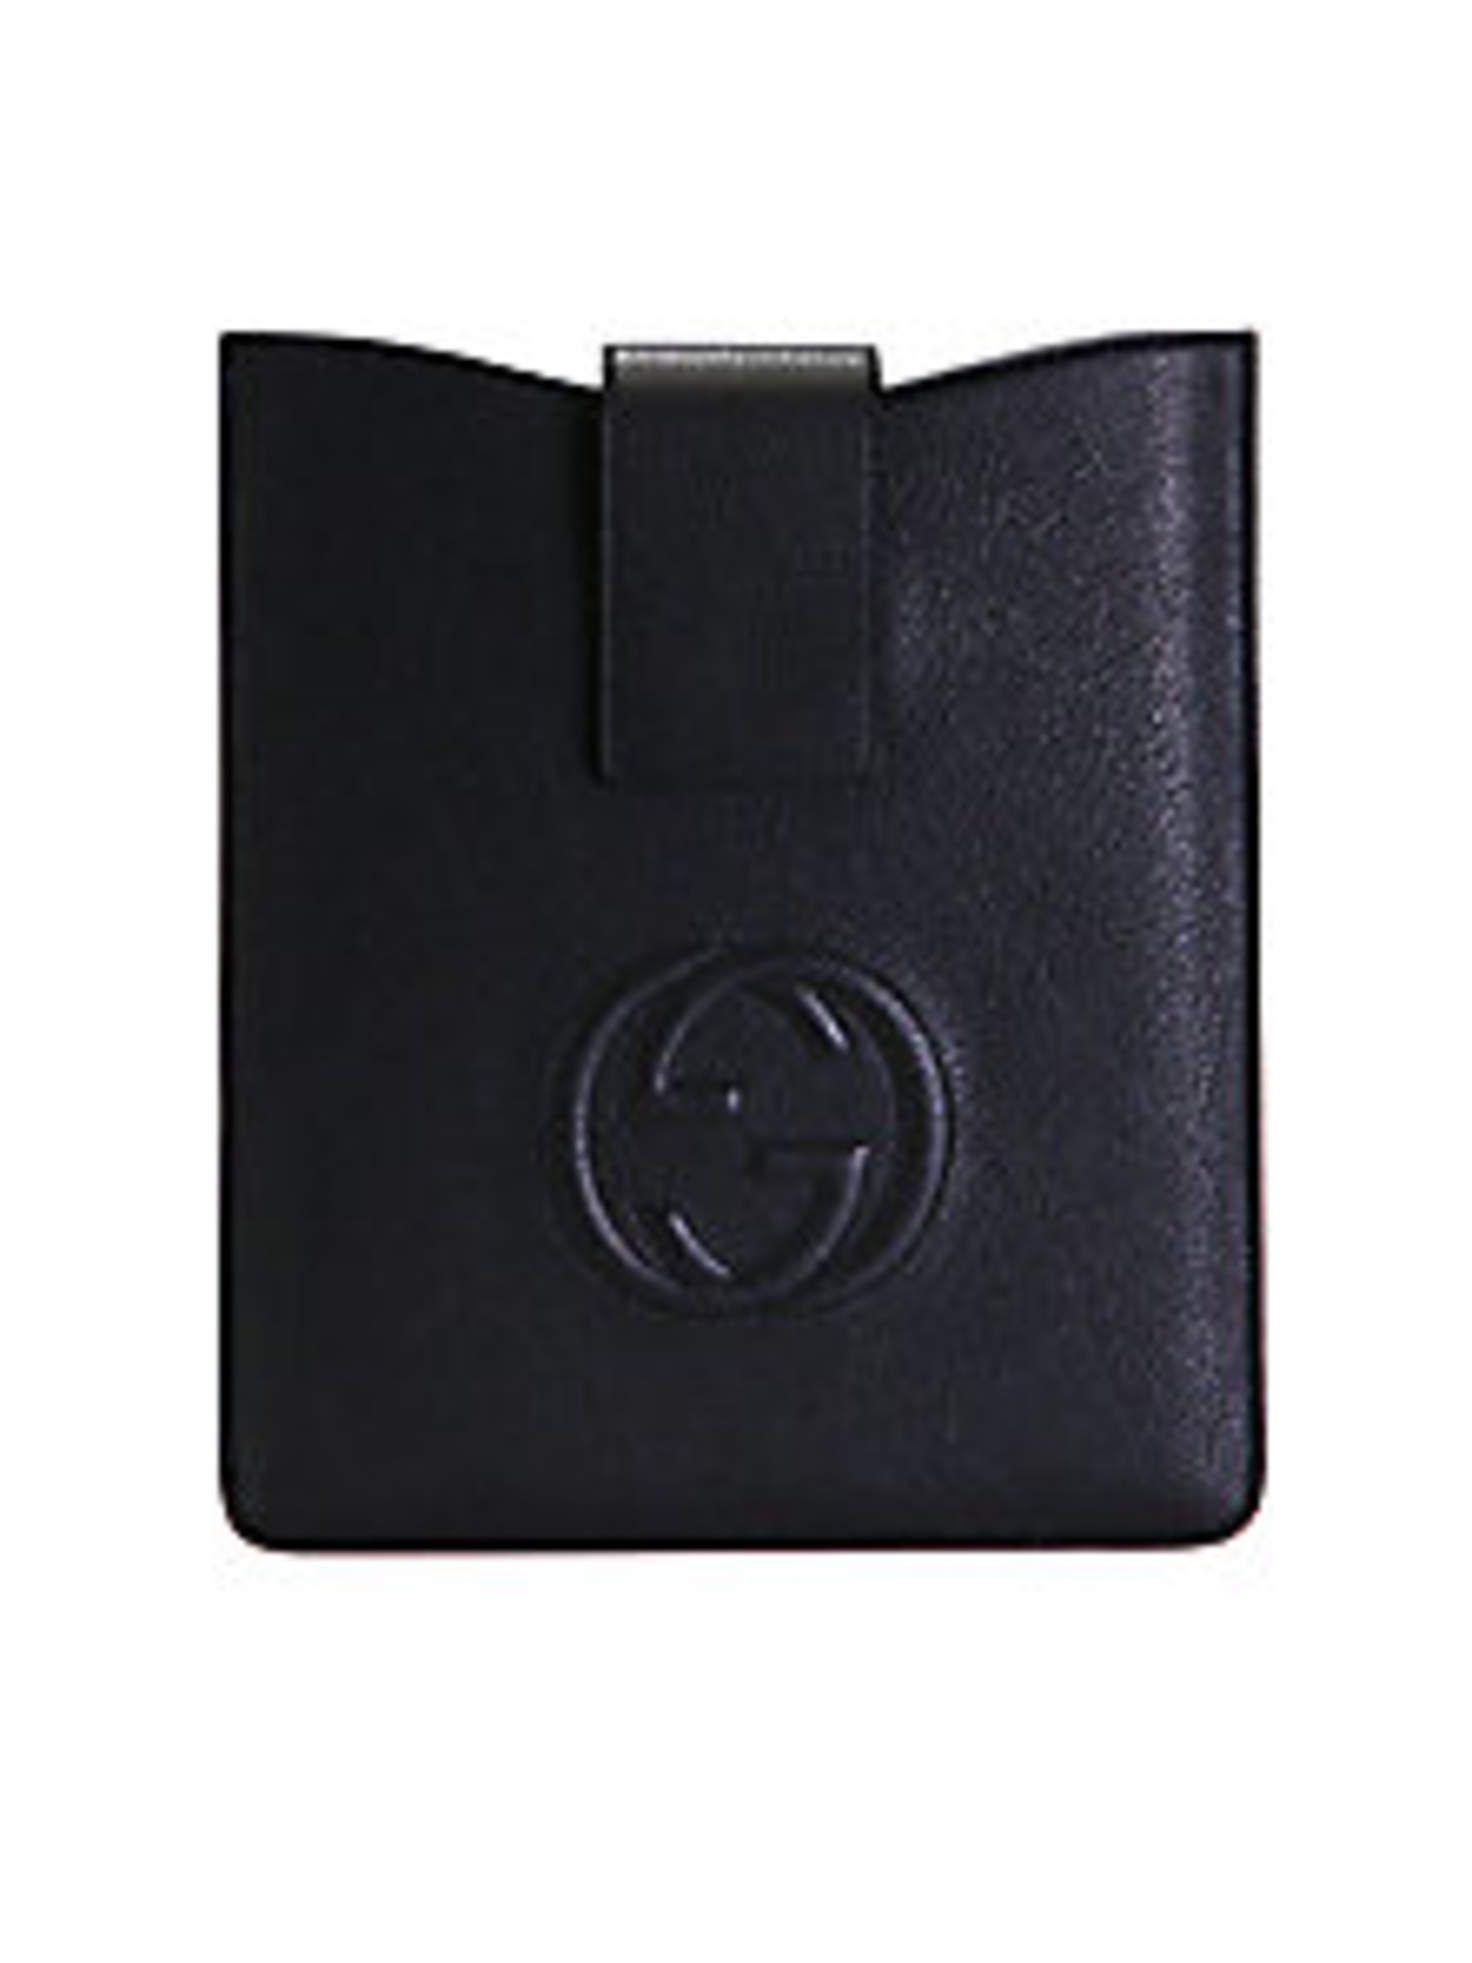 43f65e5fe46 Gucci - Soho Leather Case For iPad 1